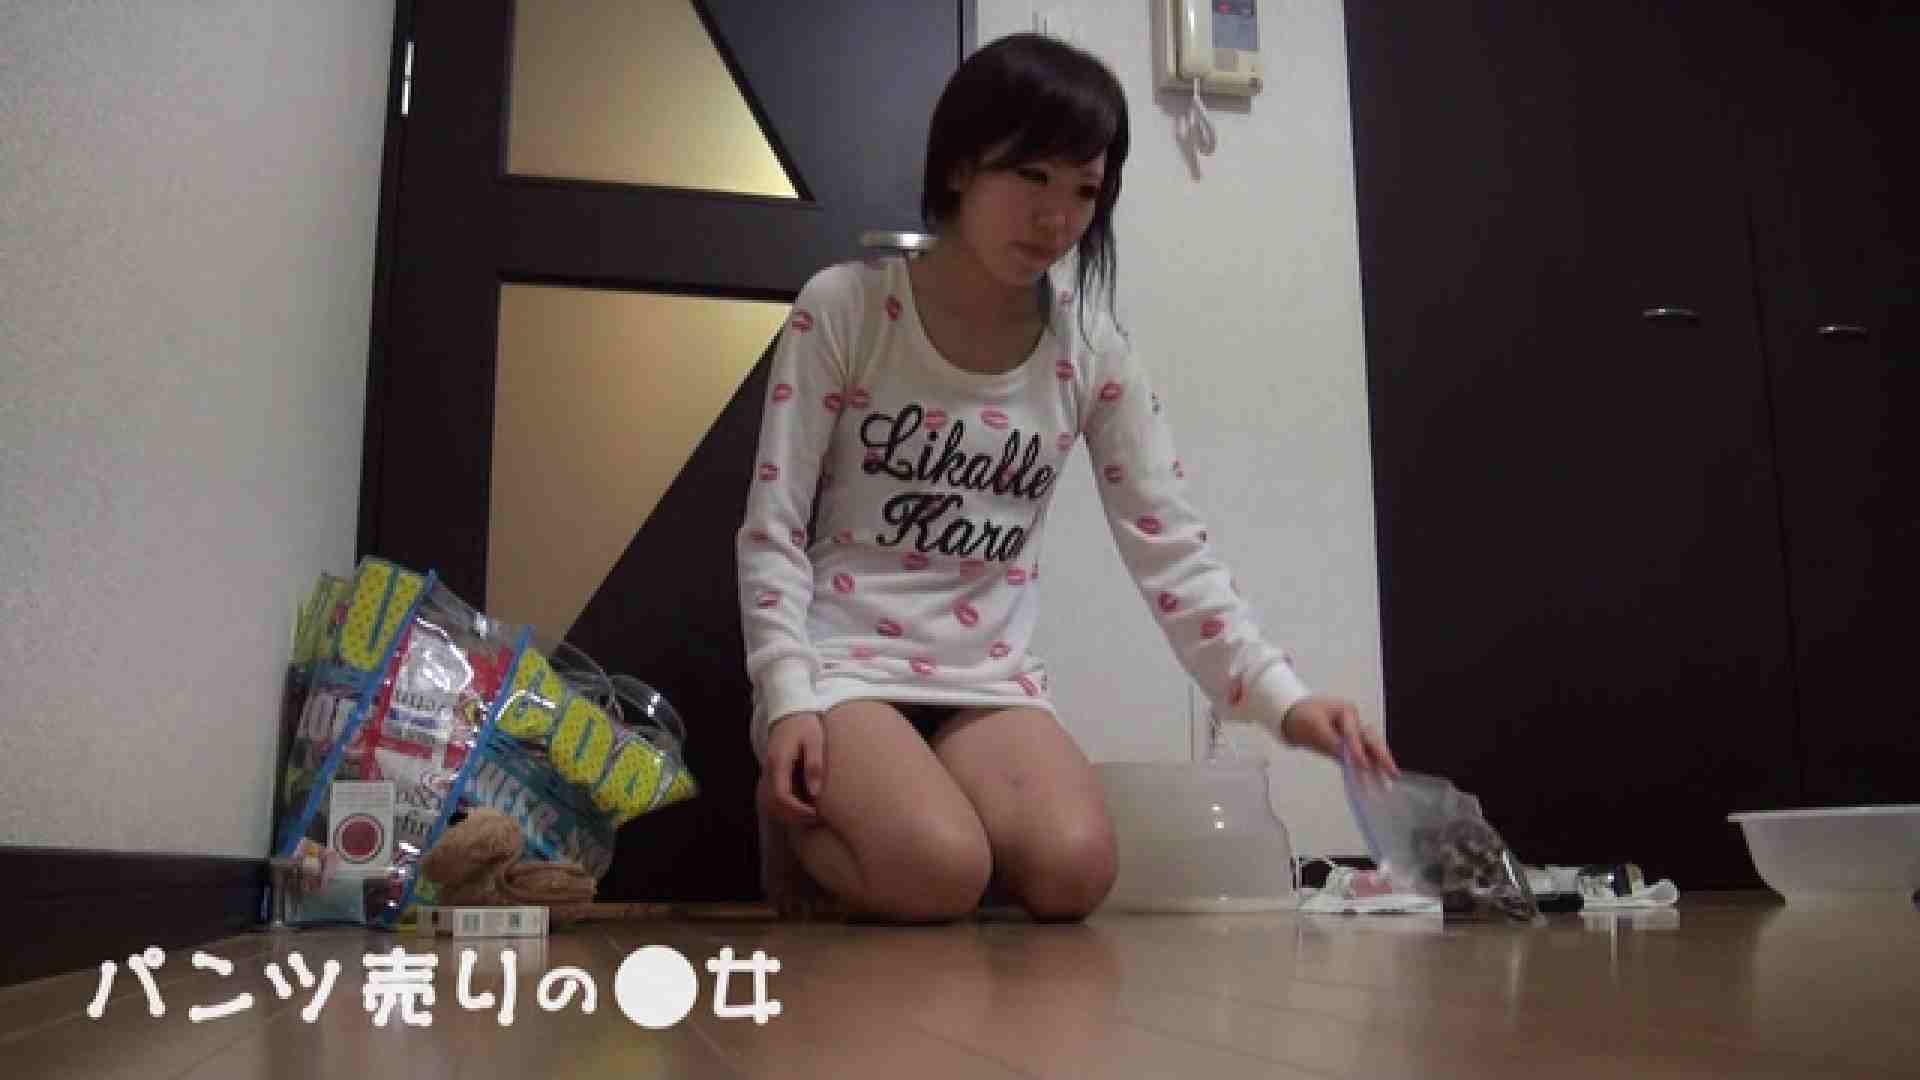 新説 パンツ売りの女の子nana マンコ   盗撮  63pic 63